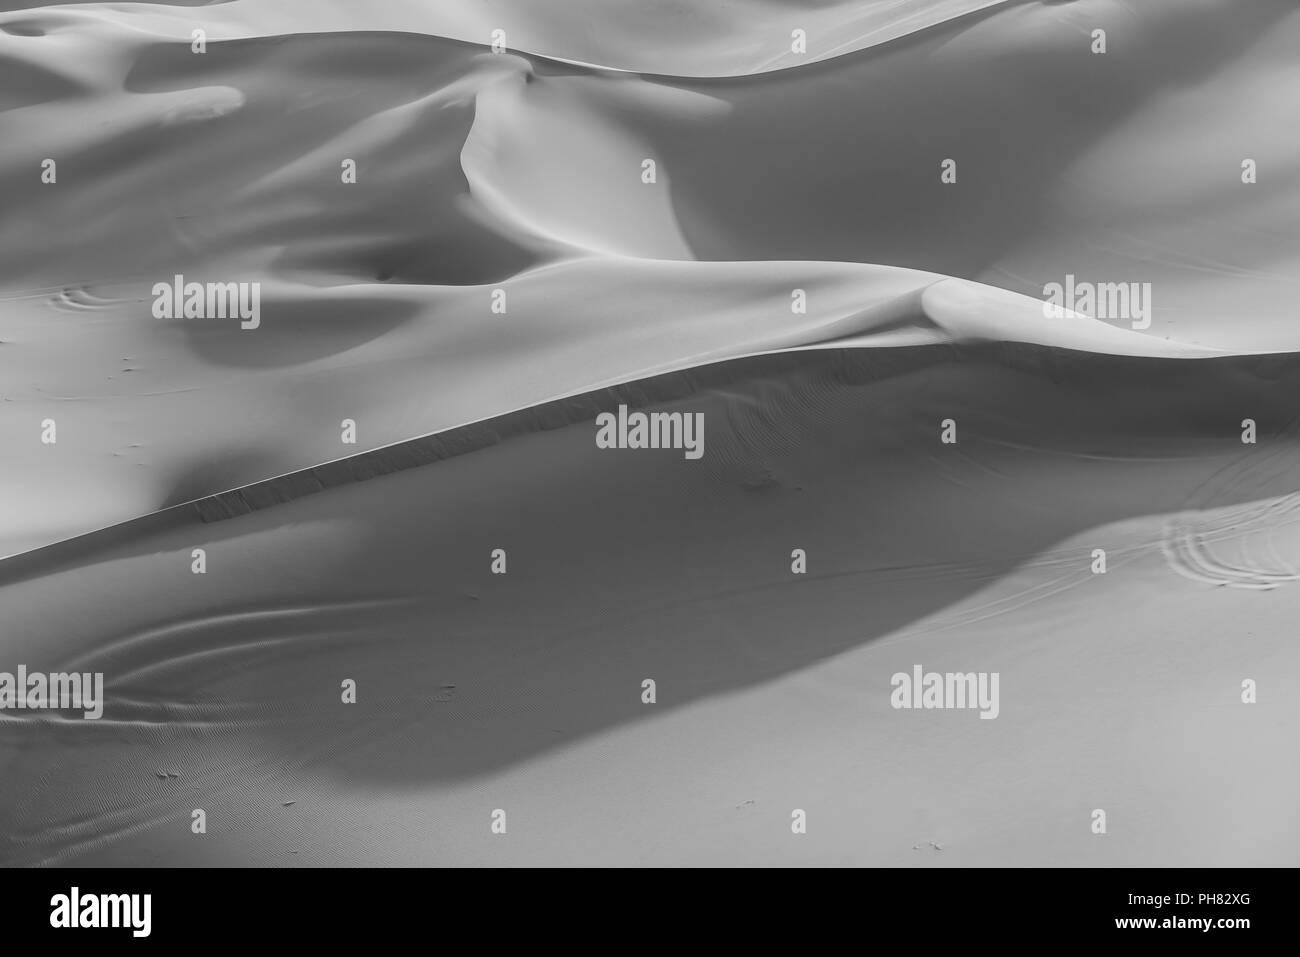 Dunes de sable dans le désert, monochrome, Erg Chebbi, Merzouga, Sahara, Maroc Photo Stock